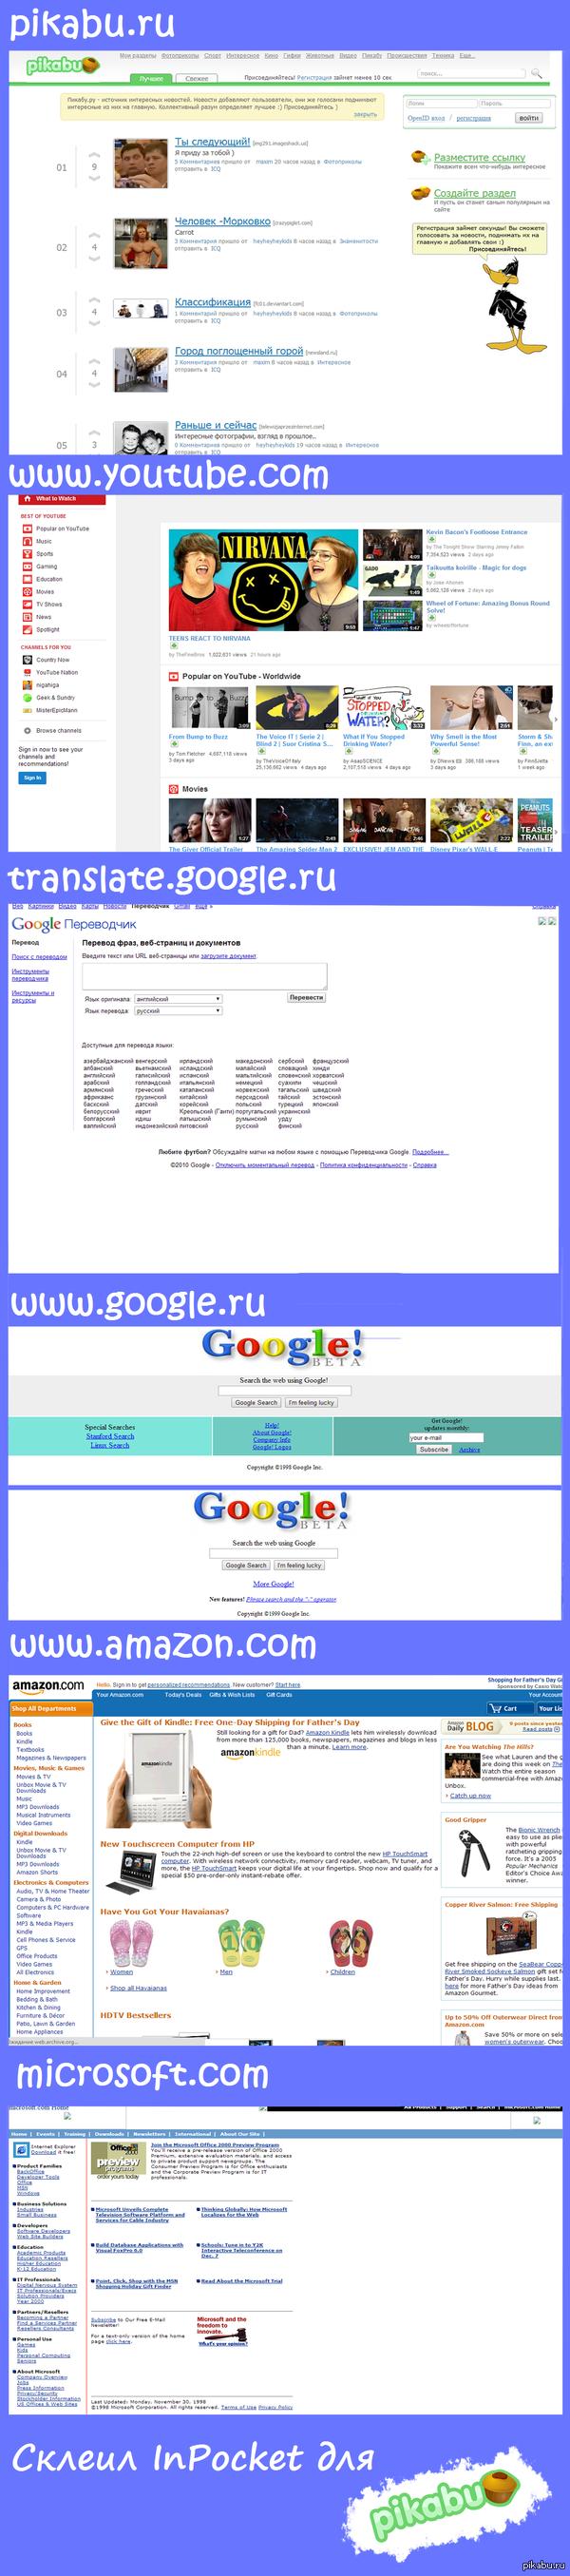 А раньше..... Вот так когда-то выглядели некоторые из популярных сайтов....  Другие можете посмотреть здесь https://archive.org/